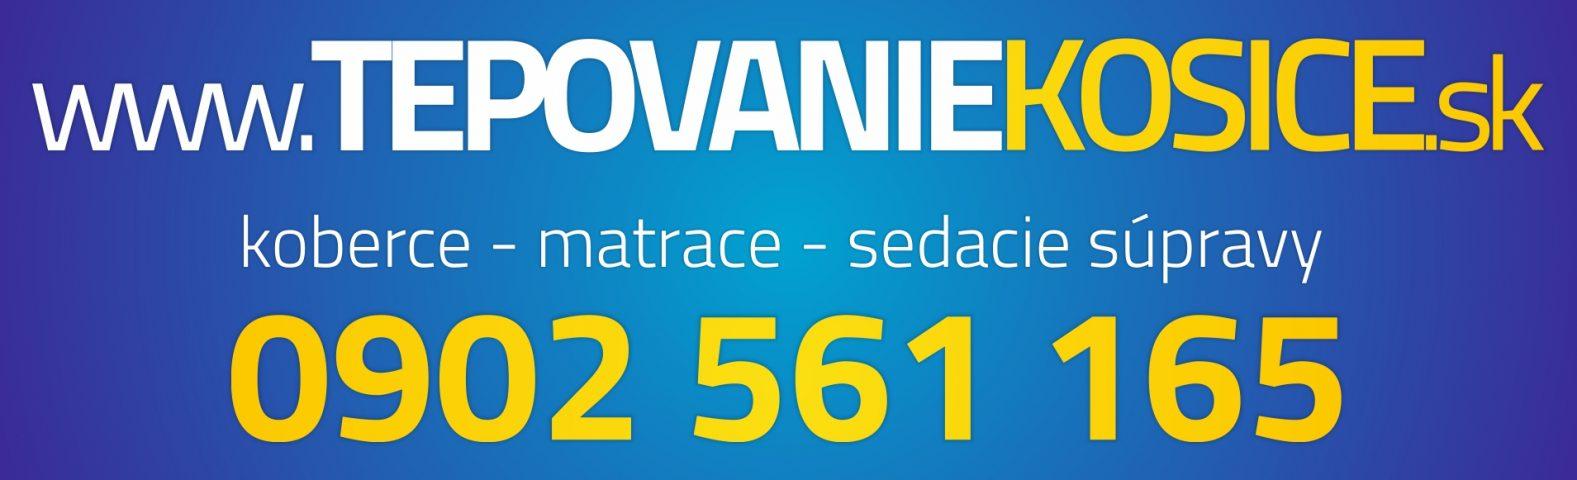 Vycistime.sk - upratovací servis a tepovanie Košice,www.upratovaci-servis.sk, www.lacnetepovanie.sk, www.TepovanieKosice.sk